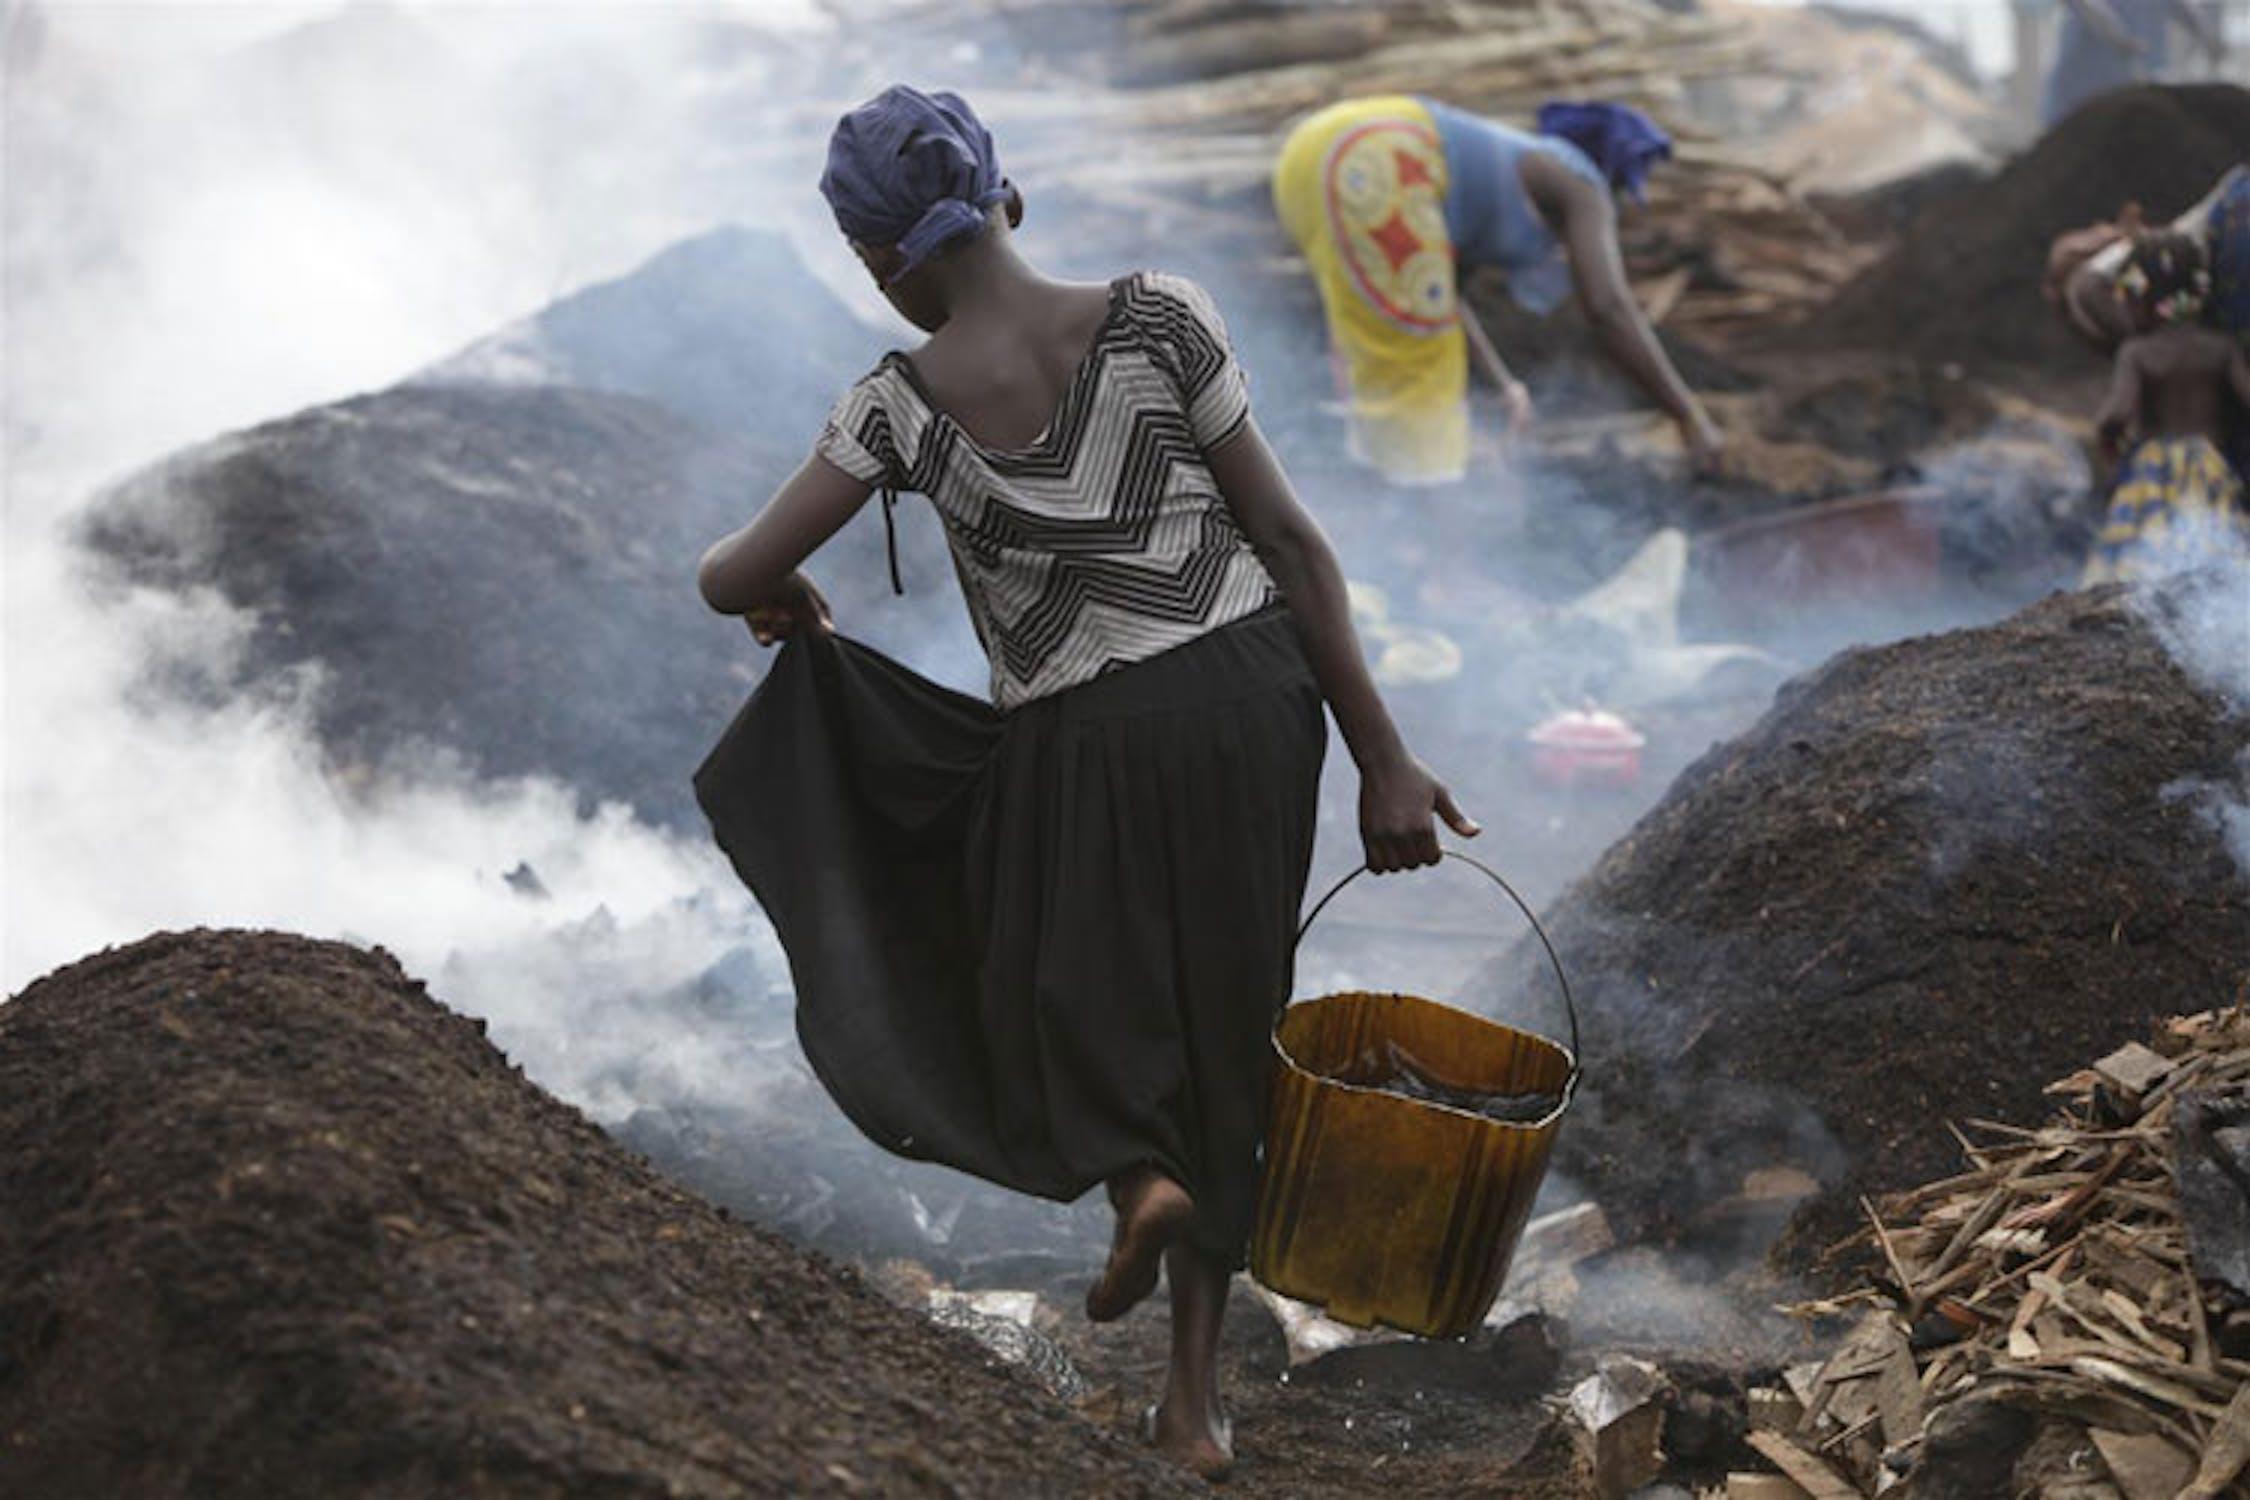 Questa bambina di San Pedro (Costa d'Avorio) ha 11 anni: dovrebbe essere a scuola, ma come altre sue coetanee lavora nella produzione di carbone da legna - ©UNICEF/NYHQ2010-2490/M.Kamber